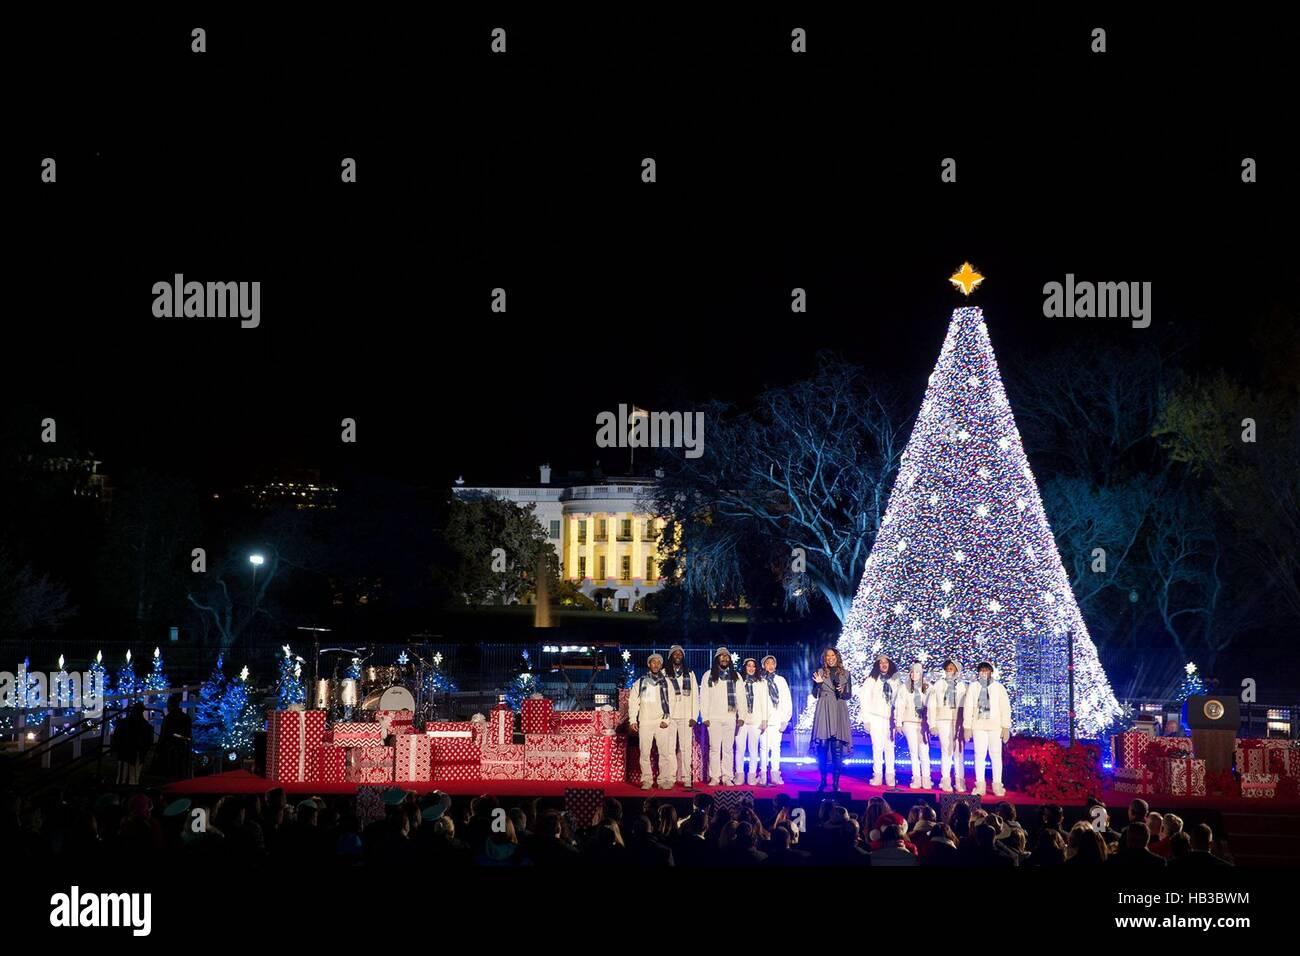 Yolanda Adams légende évangile effectue au cours de la cérémonie d'illumination de l'arbre Photo Stock